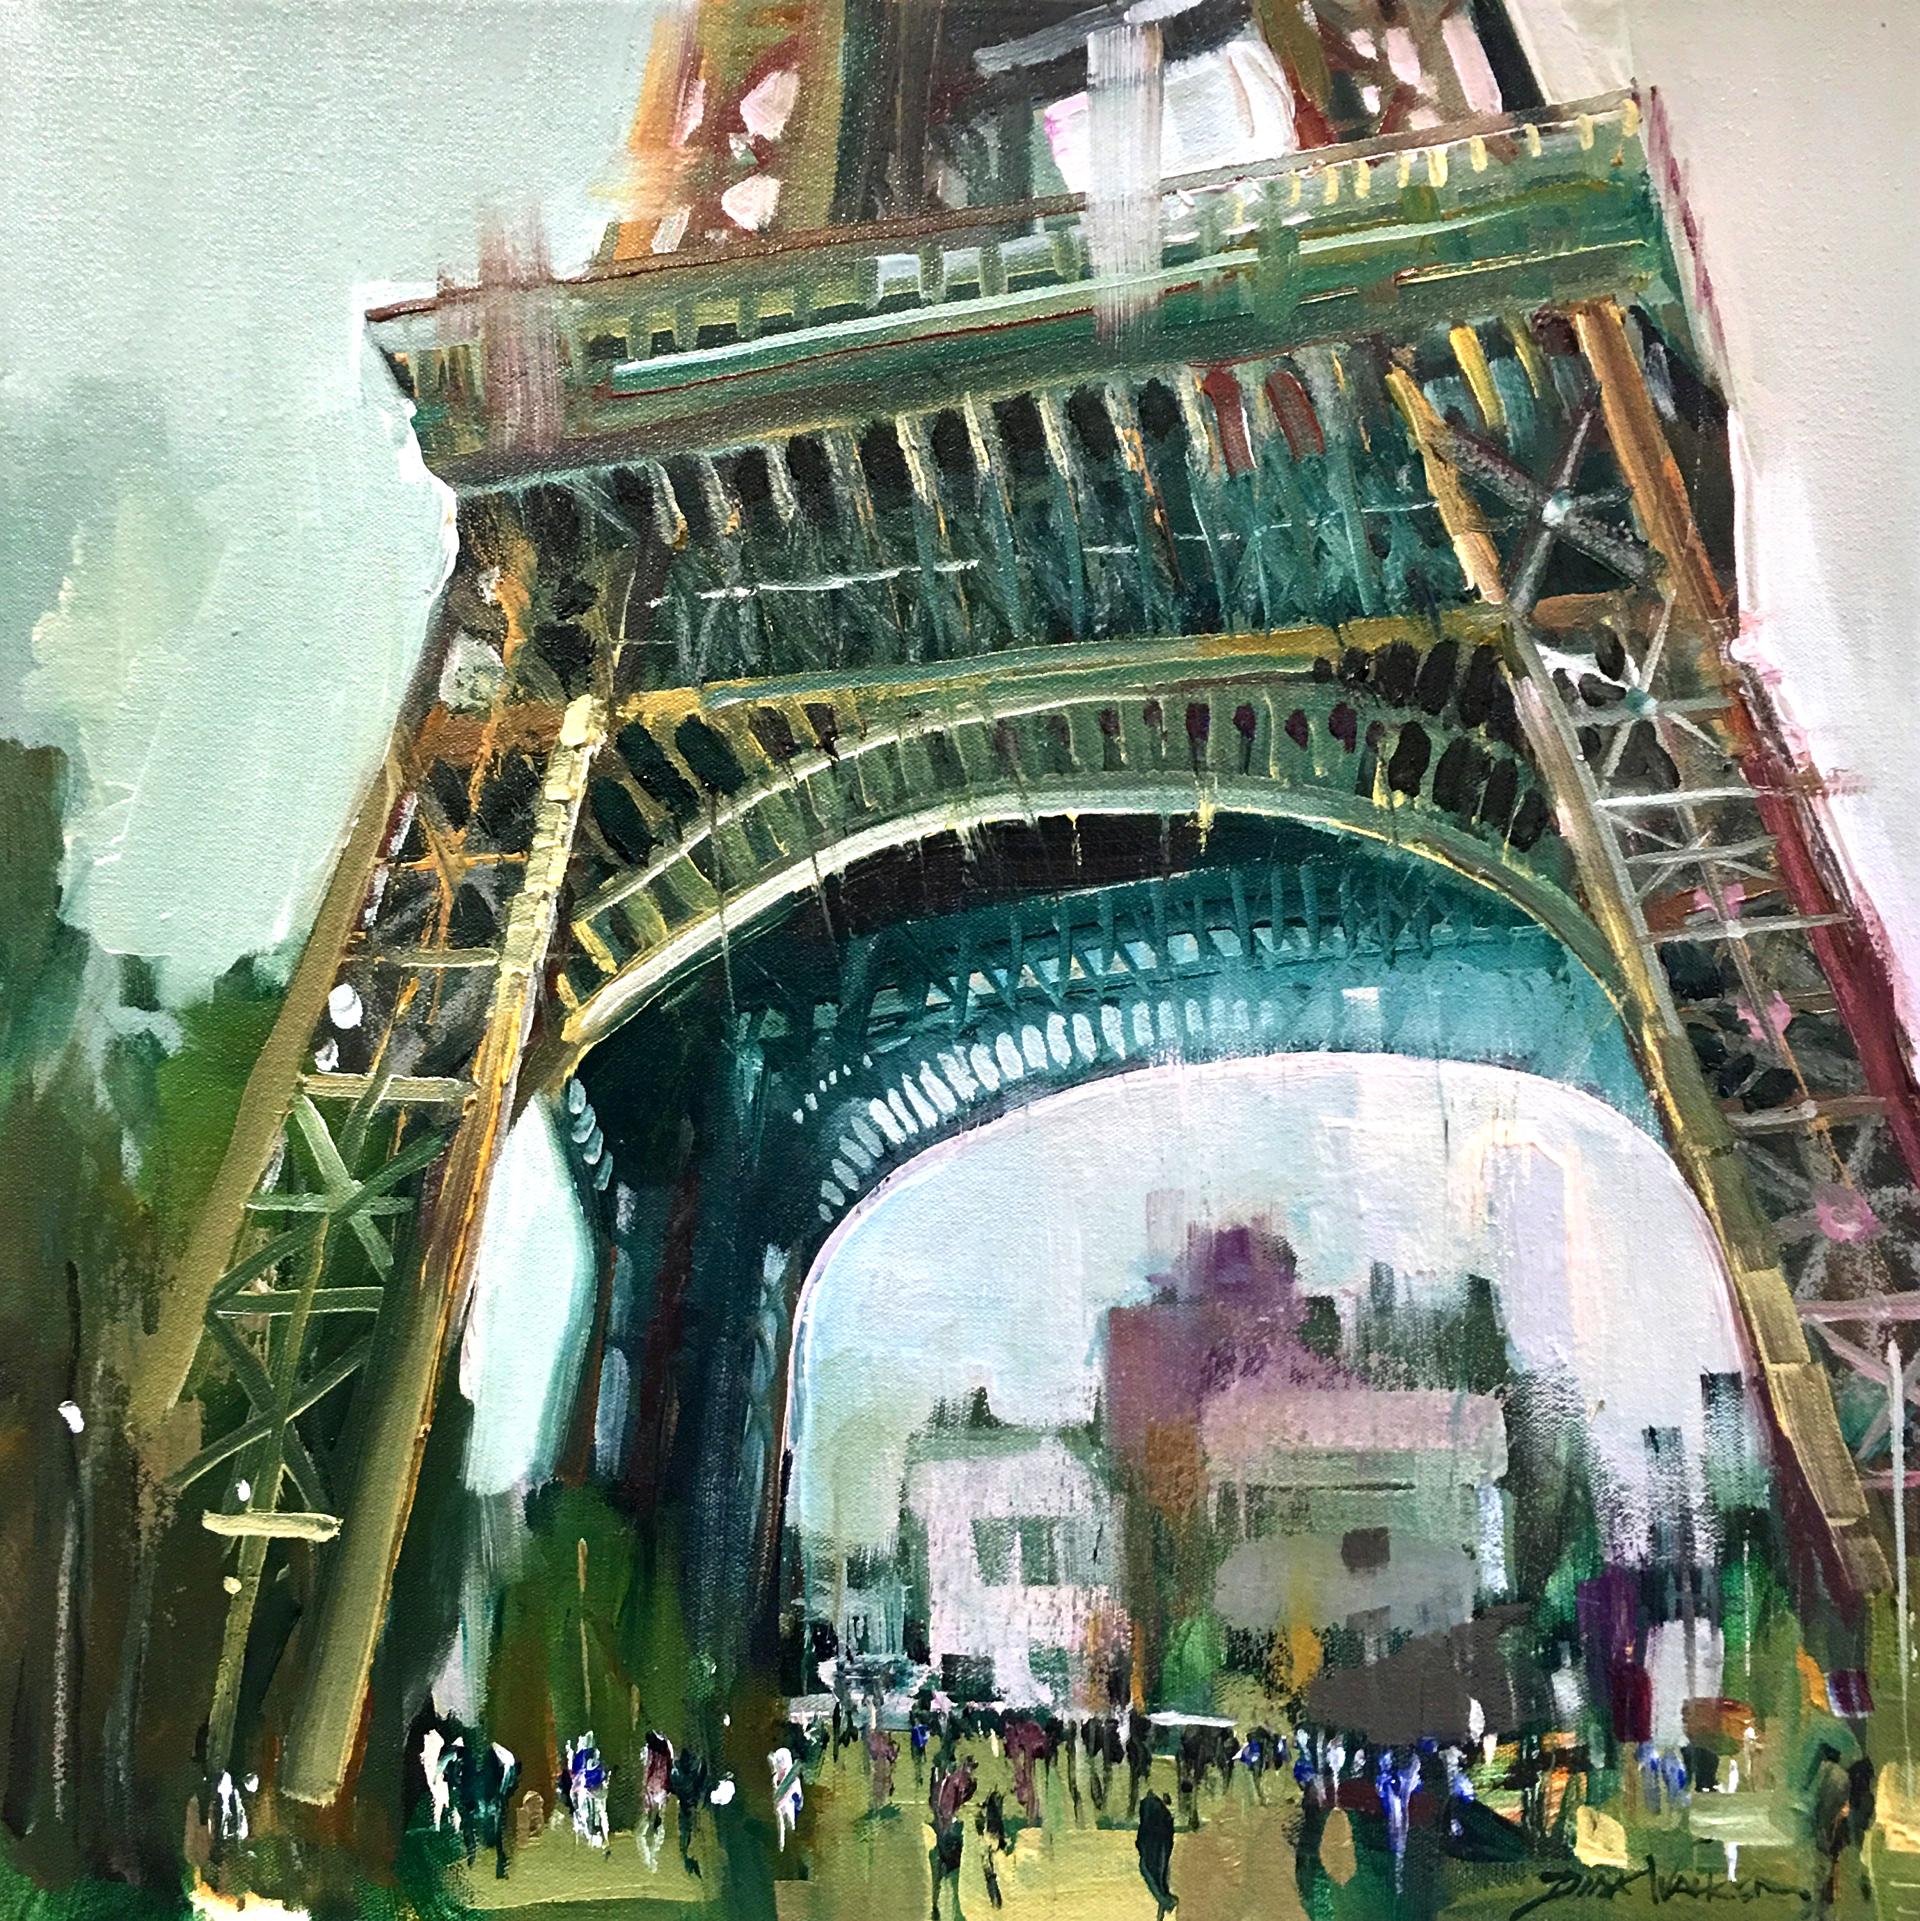 La Ville d'amour by Dirk Walker